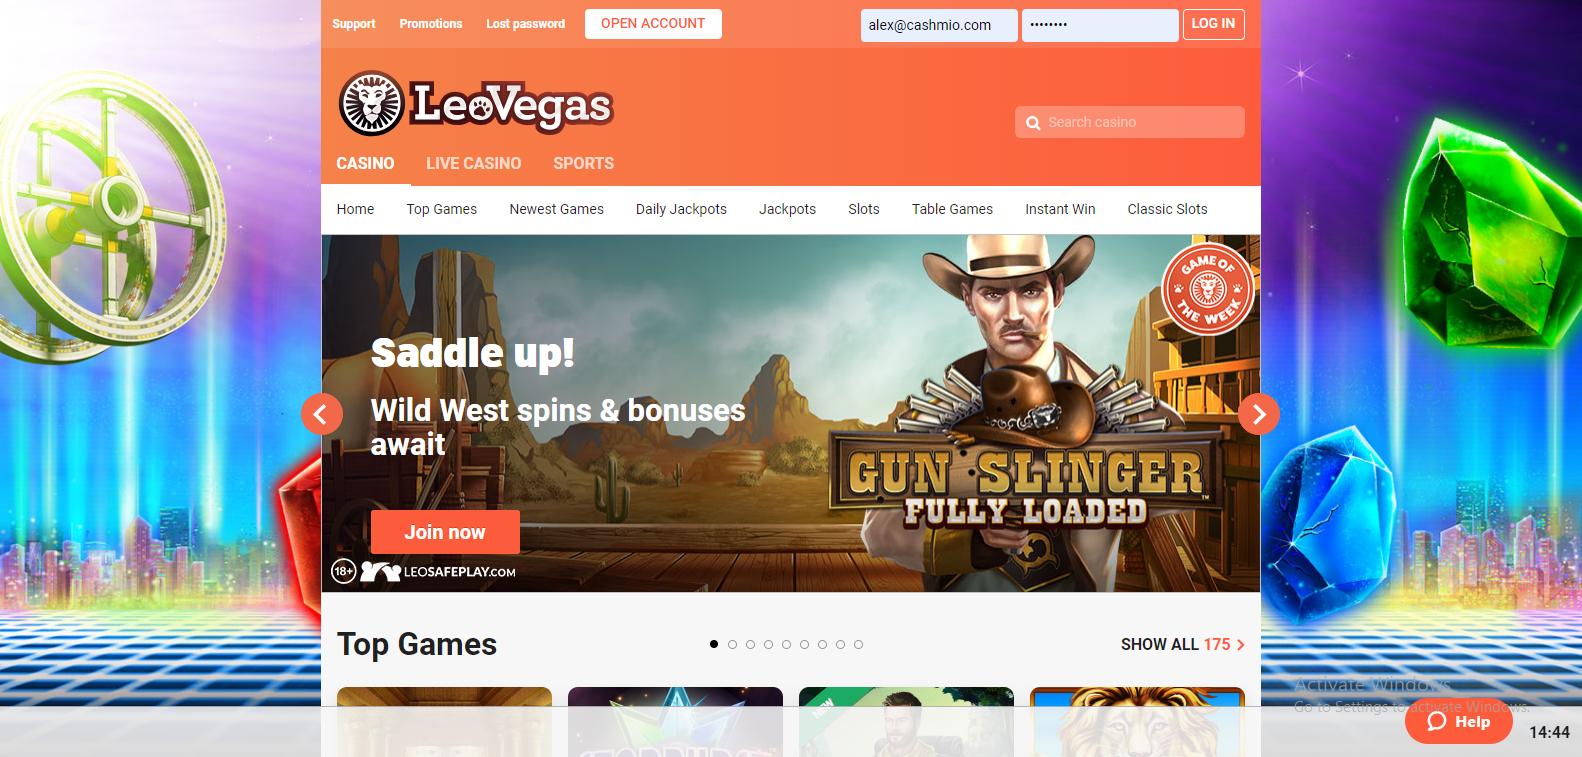 Leovegas online casino första sida